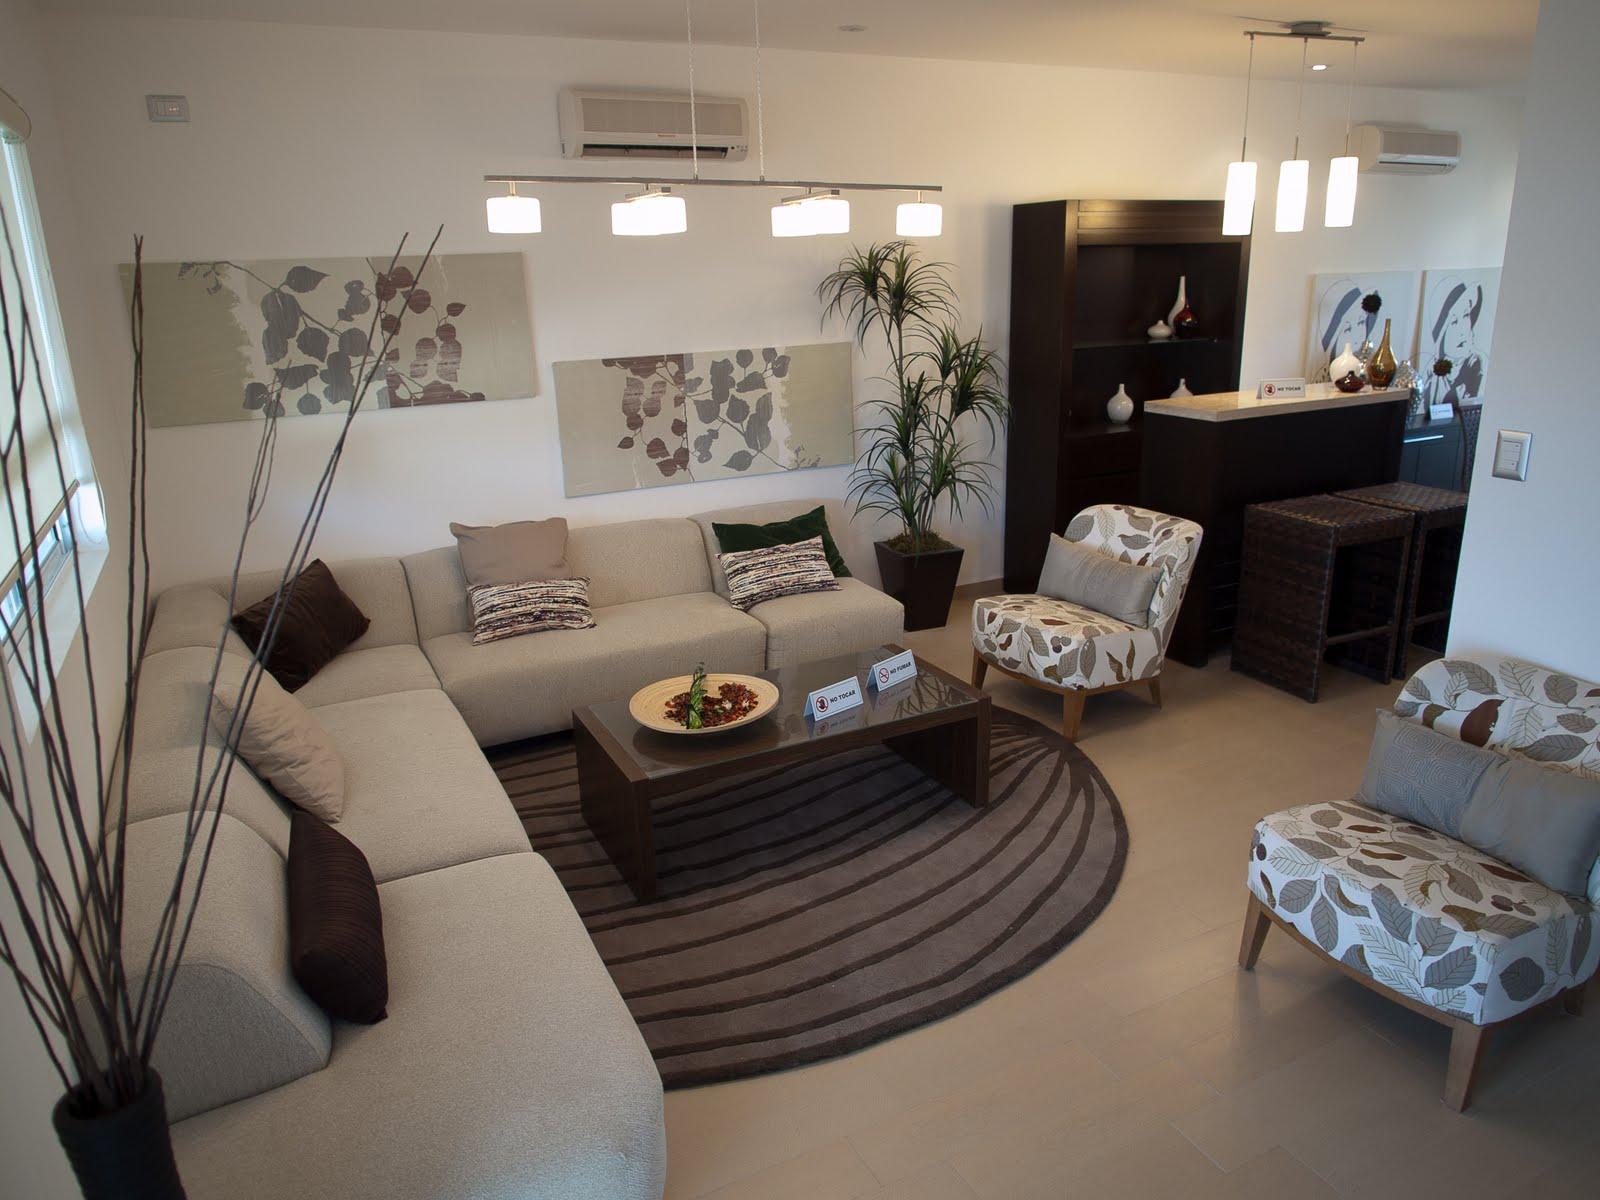 Casas en venta y departamentos casas muestra modelos 172 - Decoracion de cocheras modernas ...